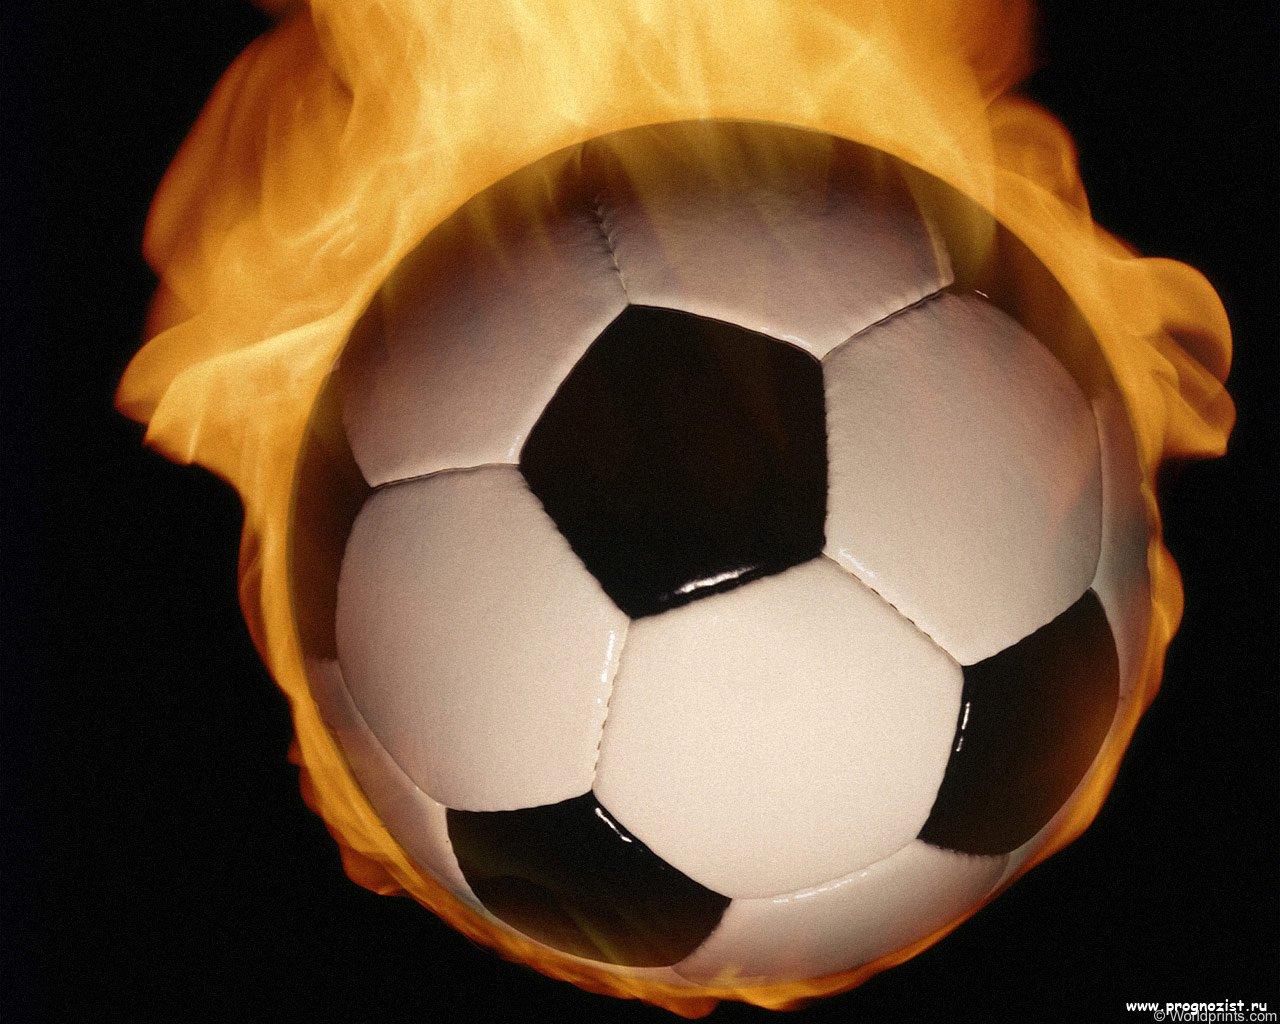 Огненный мяч  № 3150986  скачать